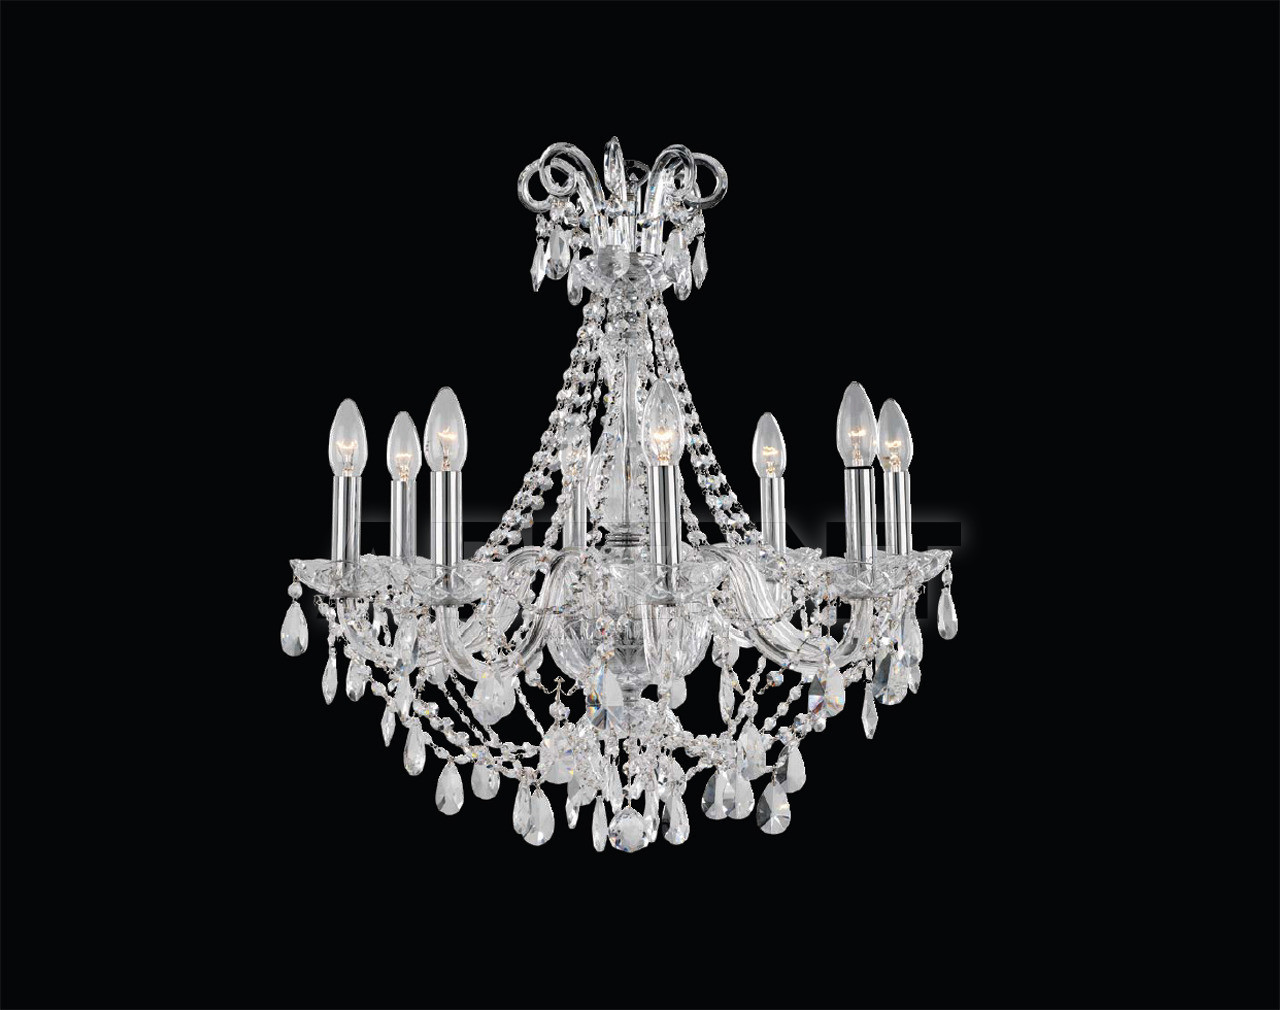 Купить Люстра VIRGINIA Iris Cristal Luxus 620188 8 2